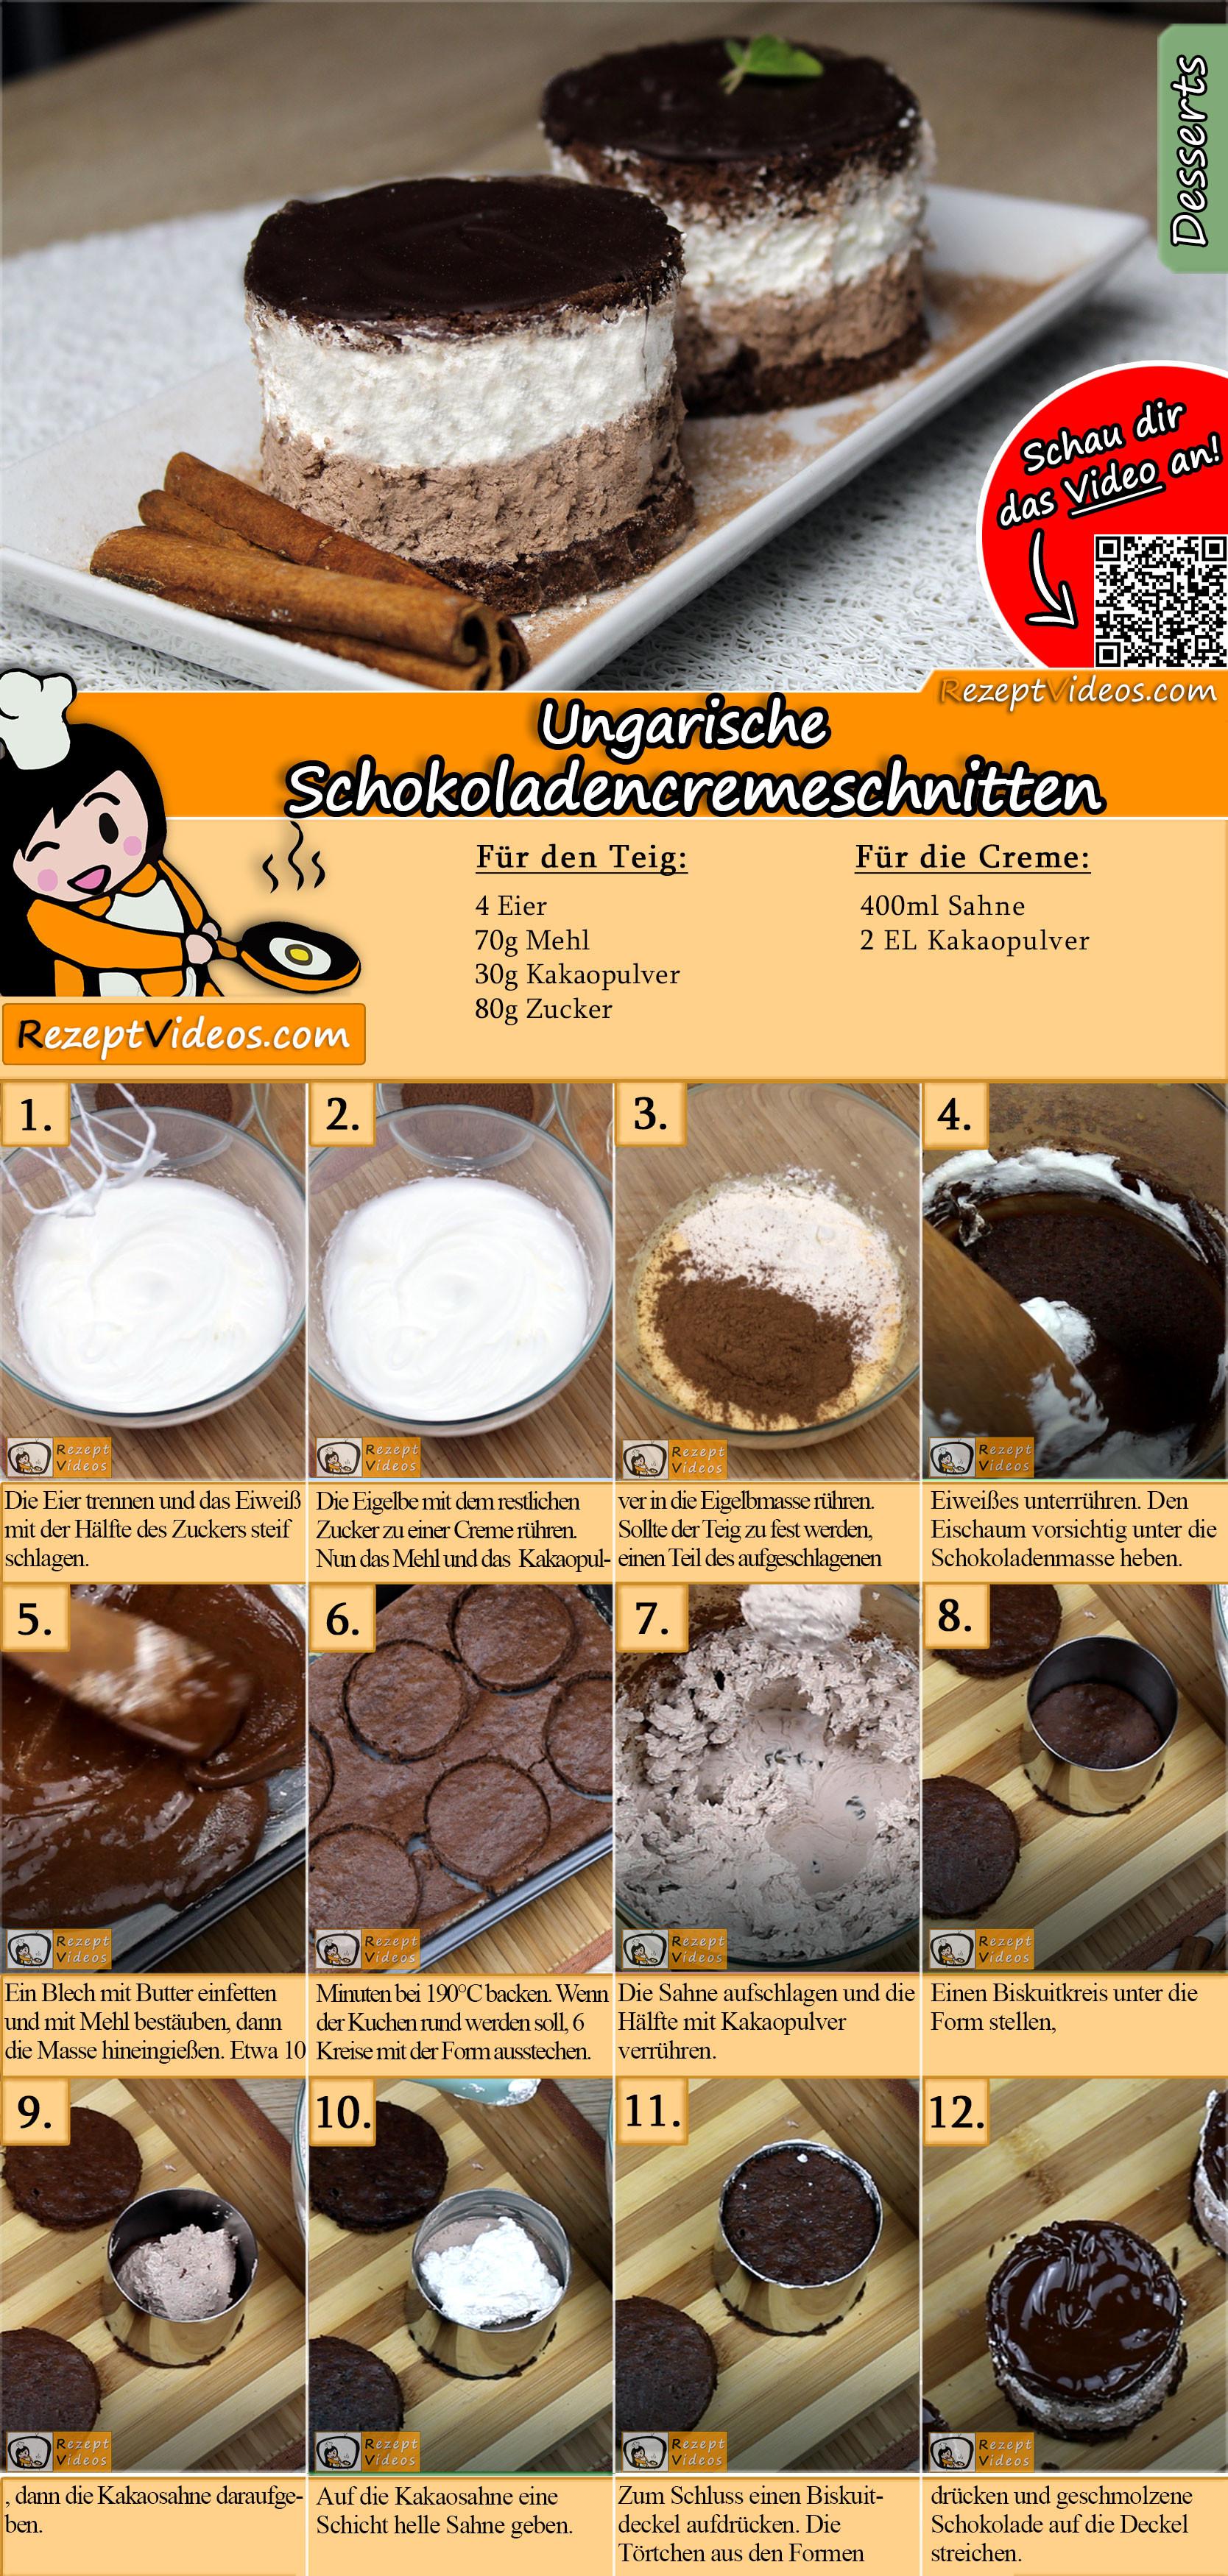 Rigó Jancsi – Ungarische Schokoladencremeschnitten Rezept mit Video